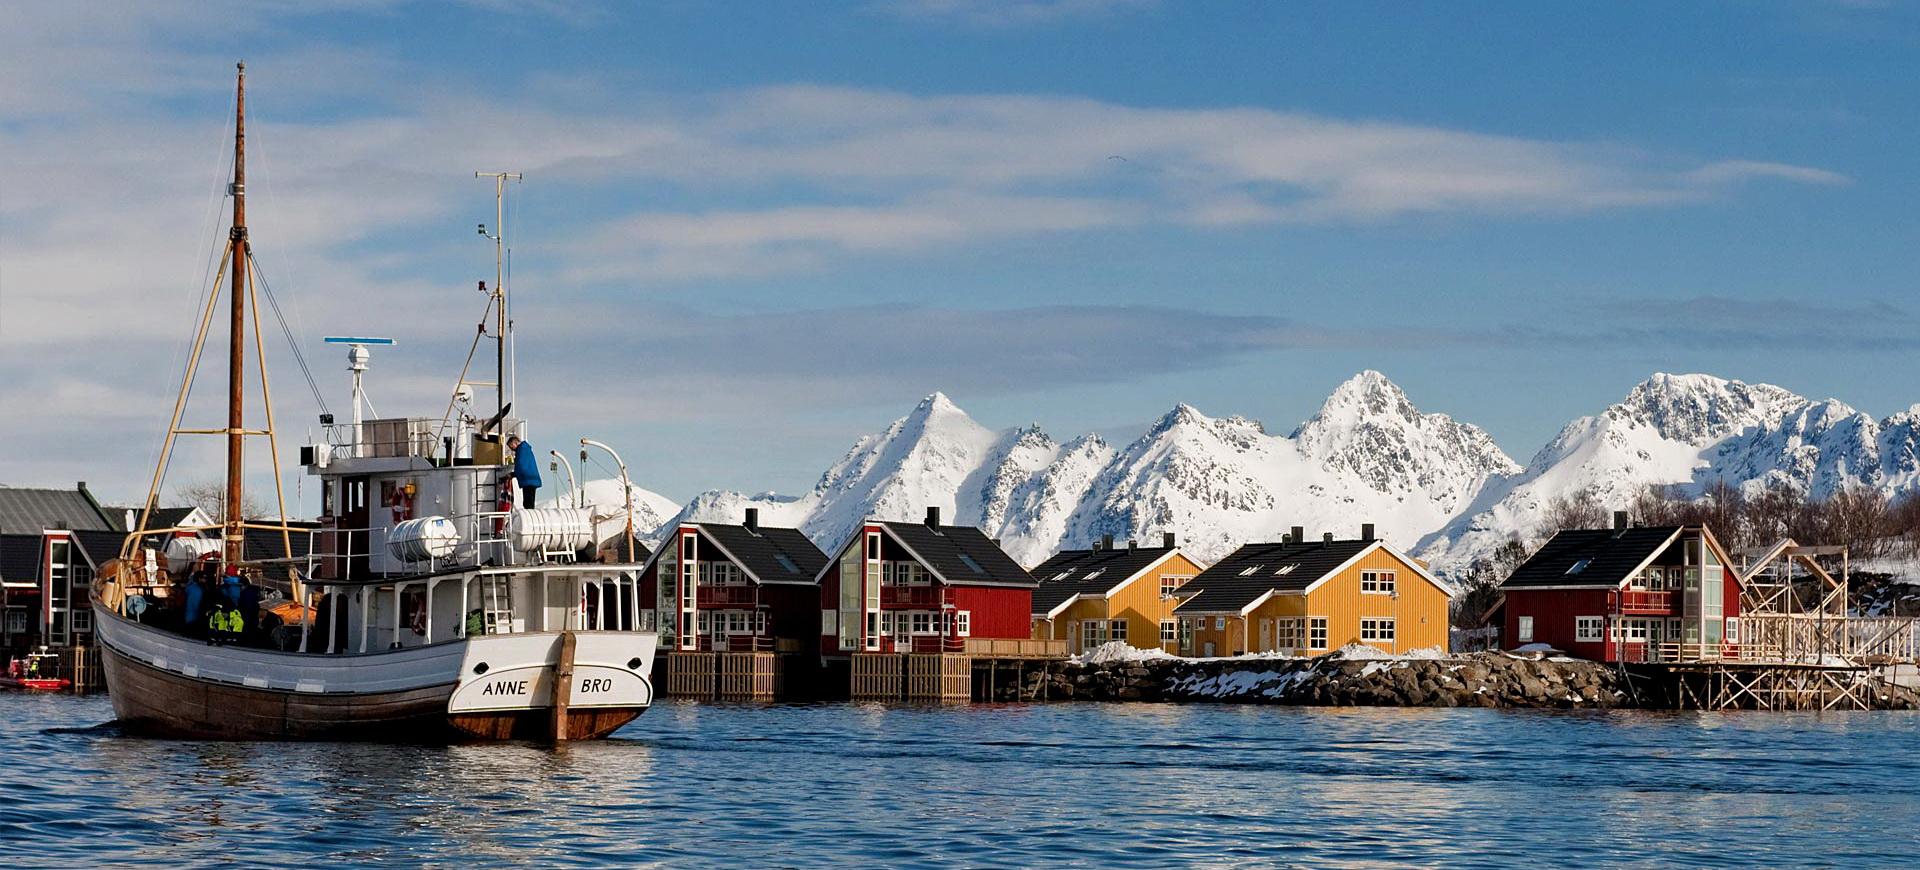 Formalités visa pour groupes en Norvège